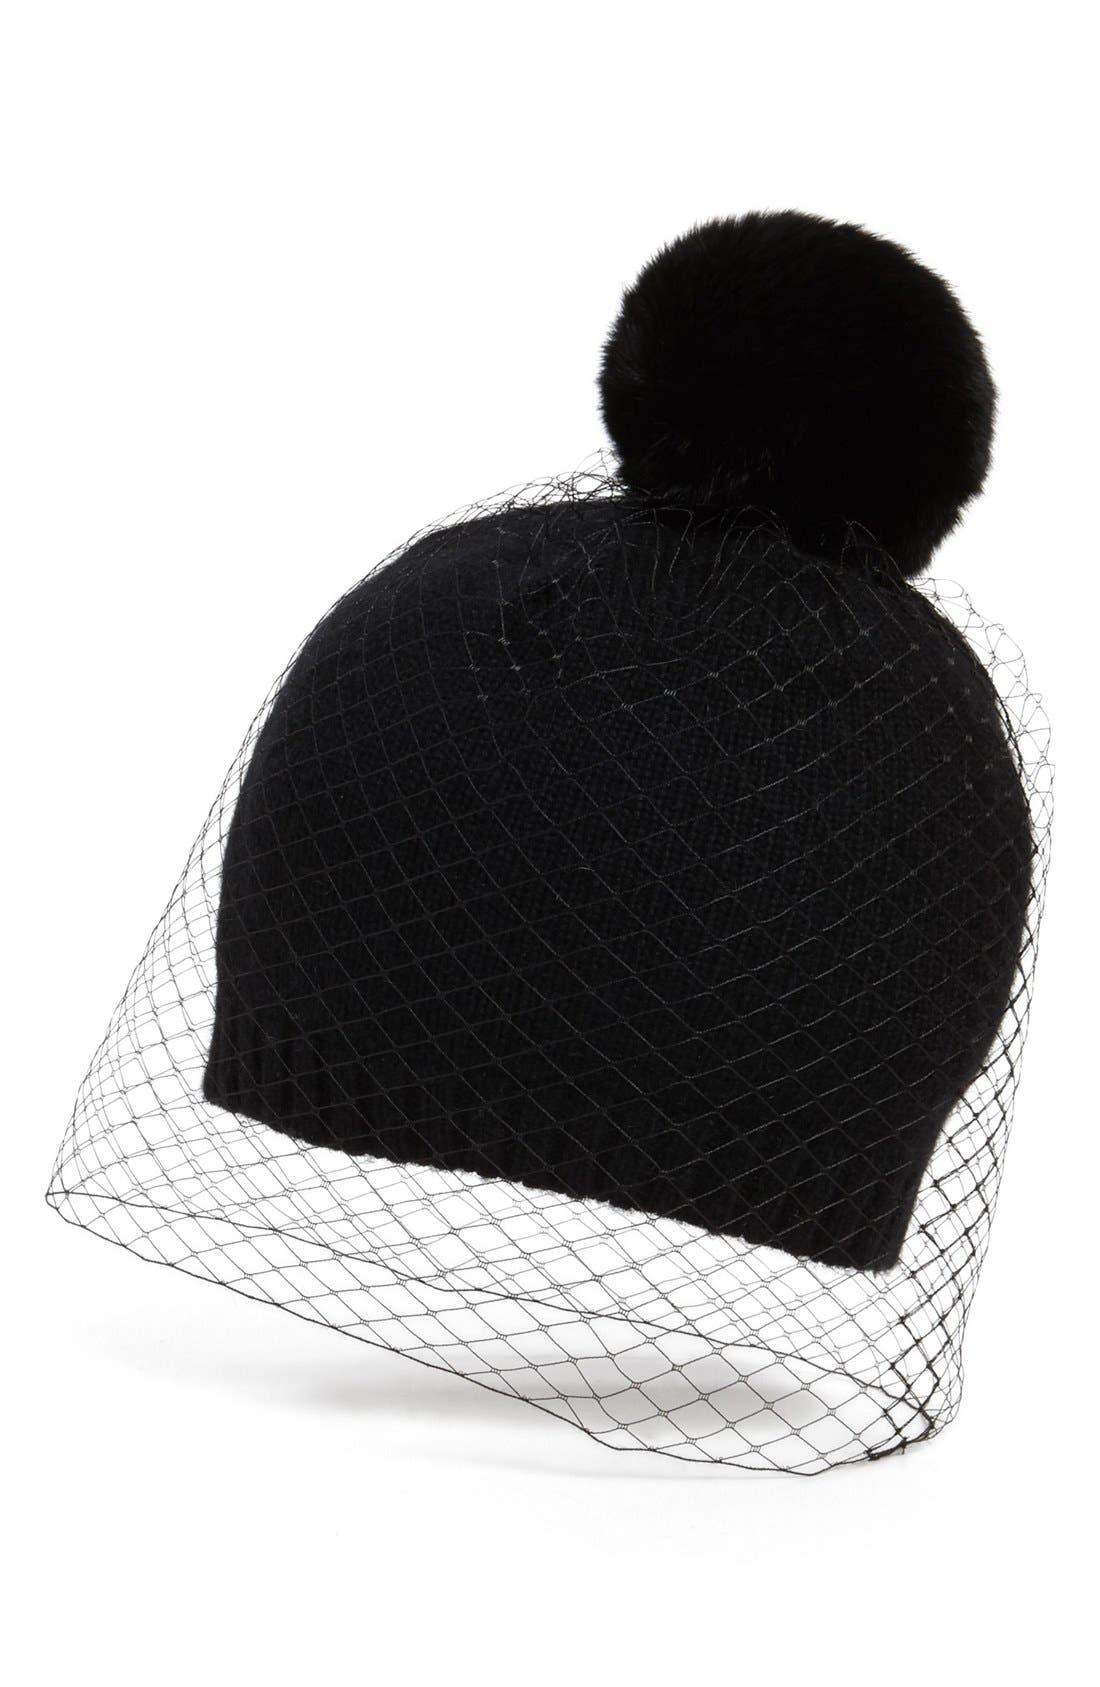 BCBG AXAZRIA 'Winter Veil' Beanie with Genuine Fur Pompom, Main, color, 001